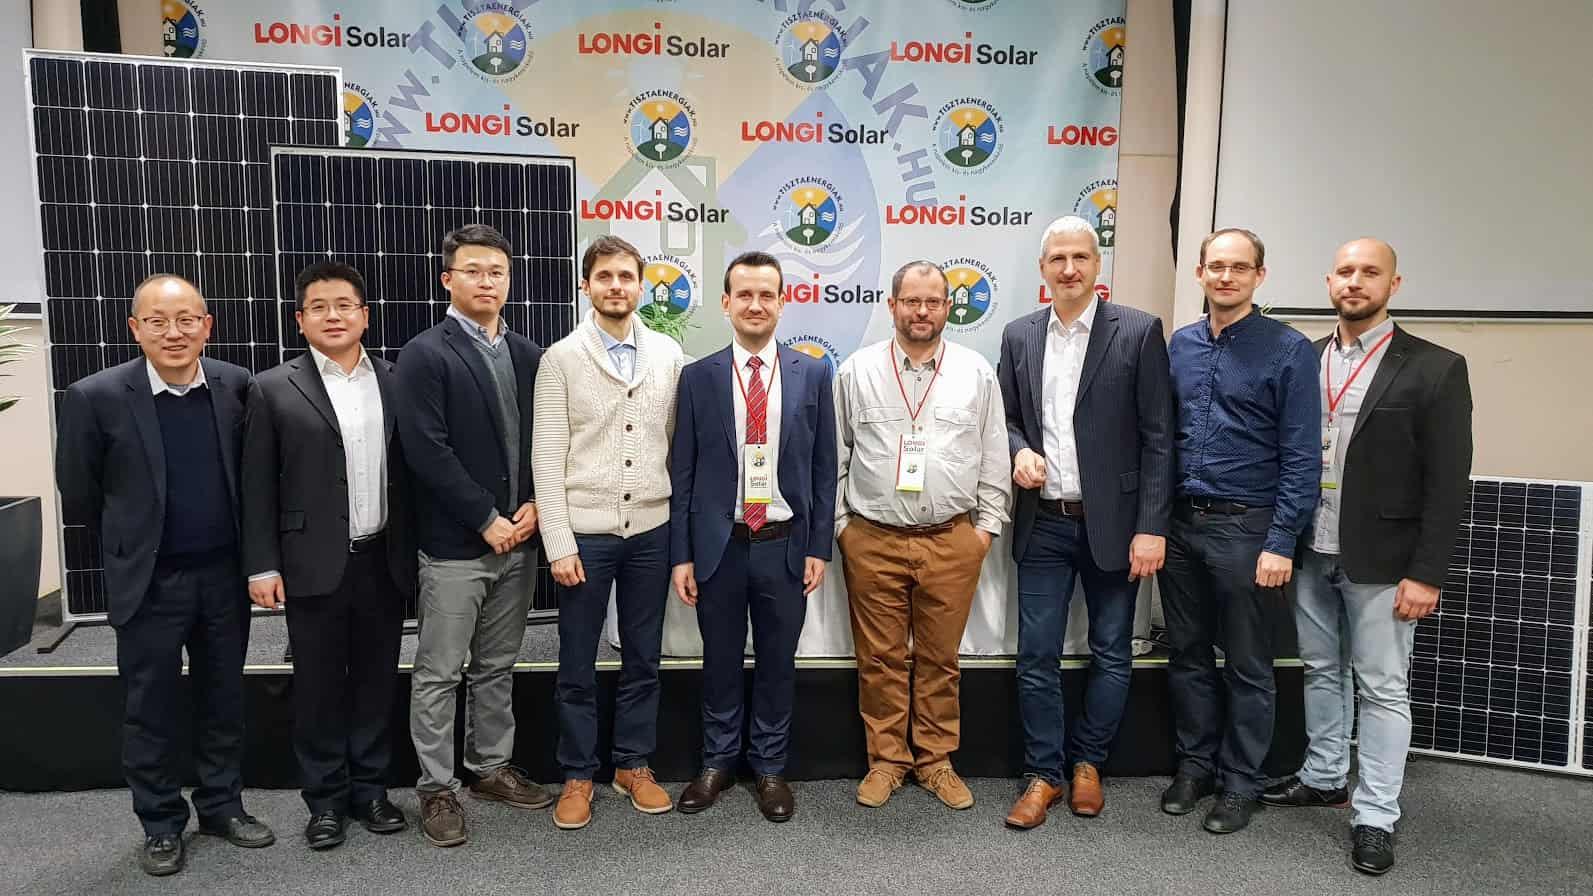 2018 Longi Szakmai Nap, Tiszta Energiák Kft.